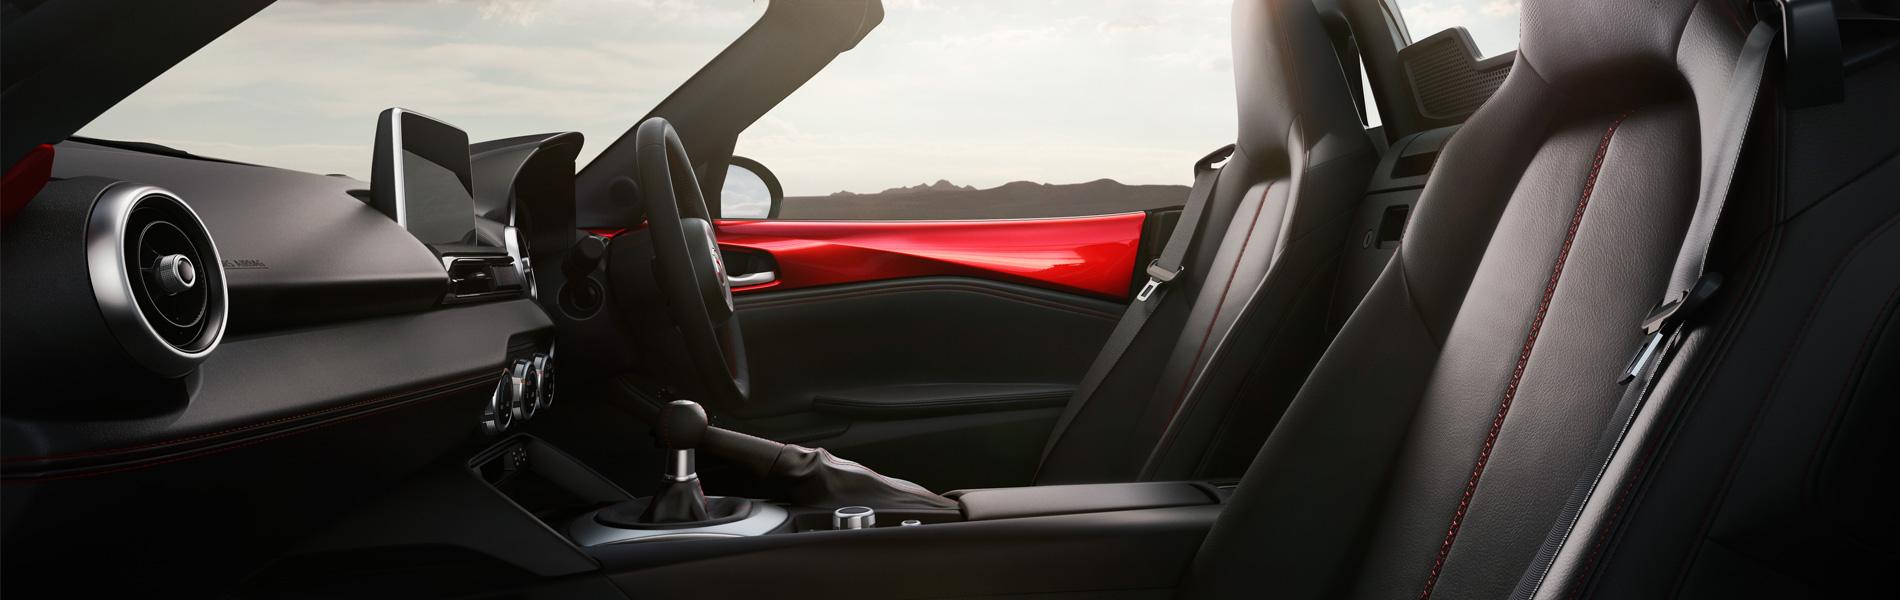 Mazda MX-5 Image 1